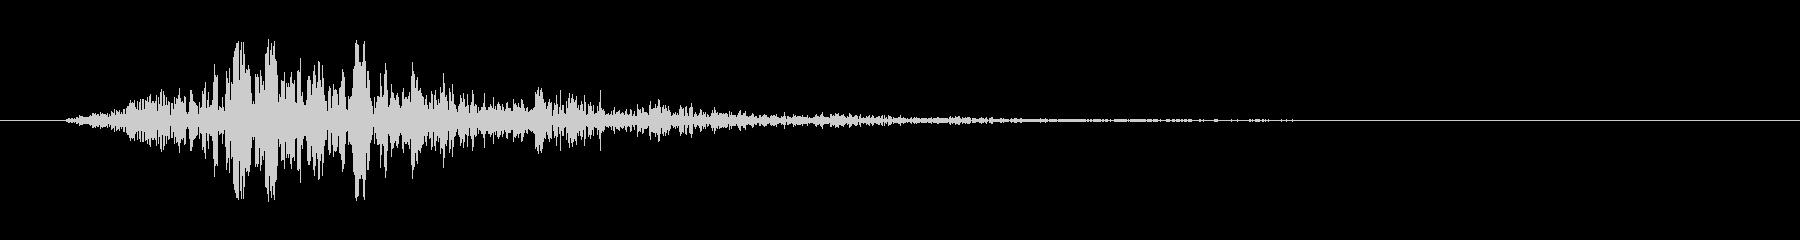 スワイプ.タップ.ページ送り音 04の未再生の波形